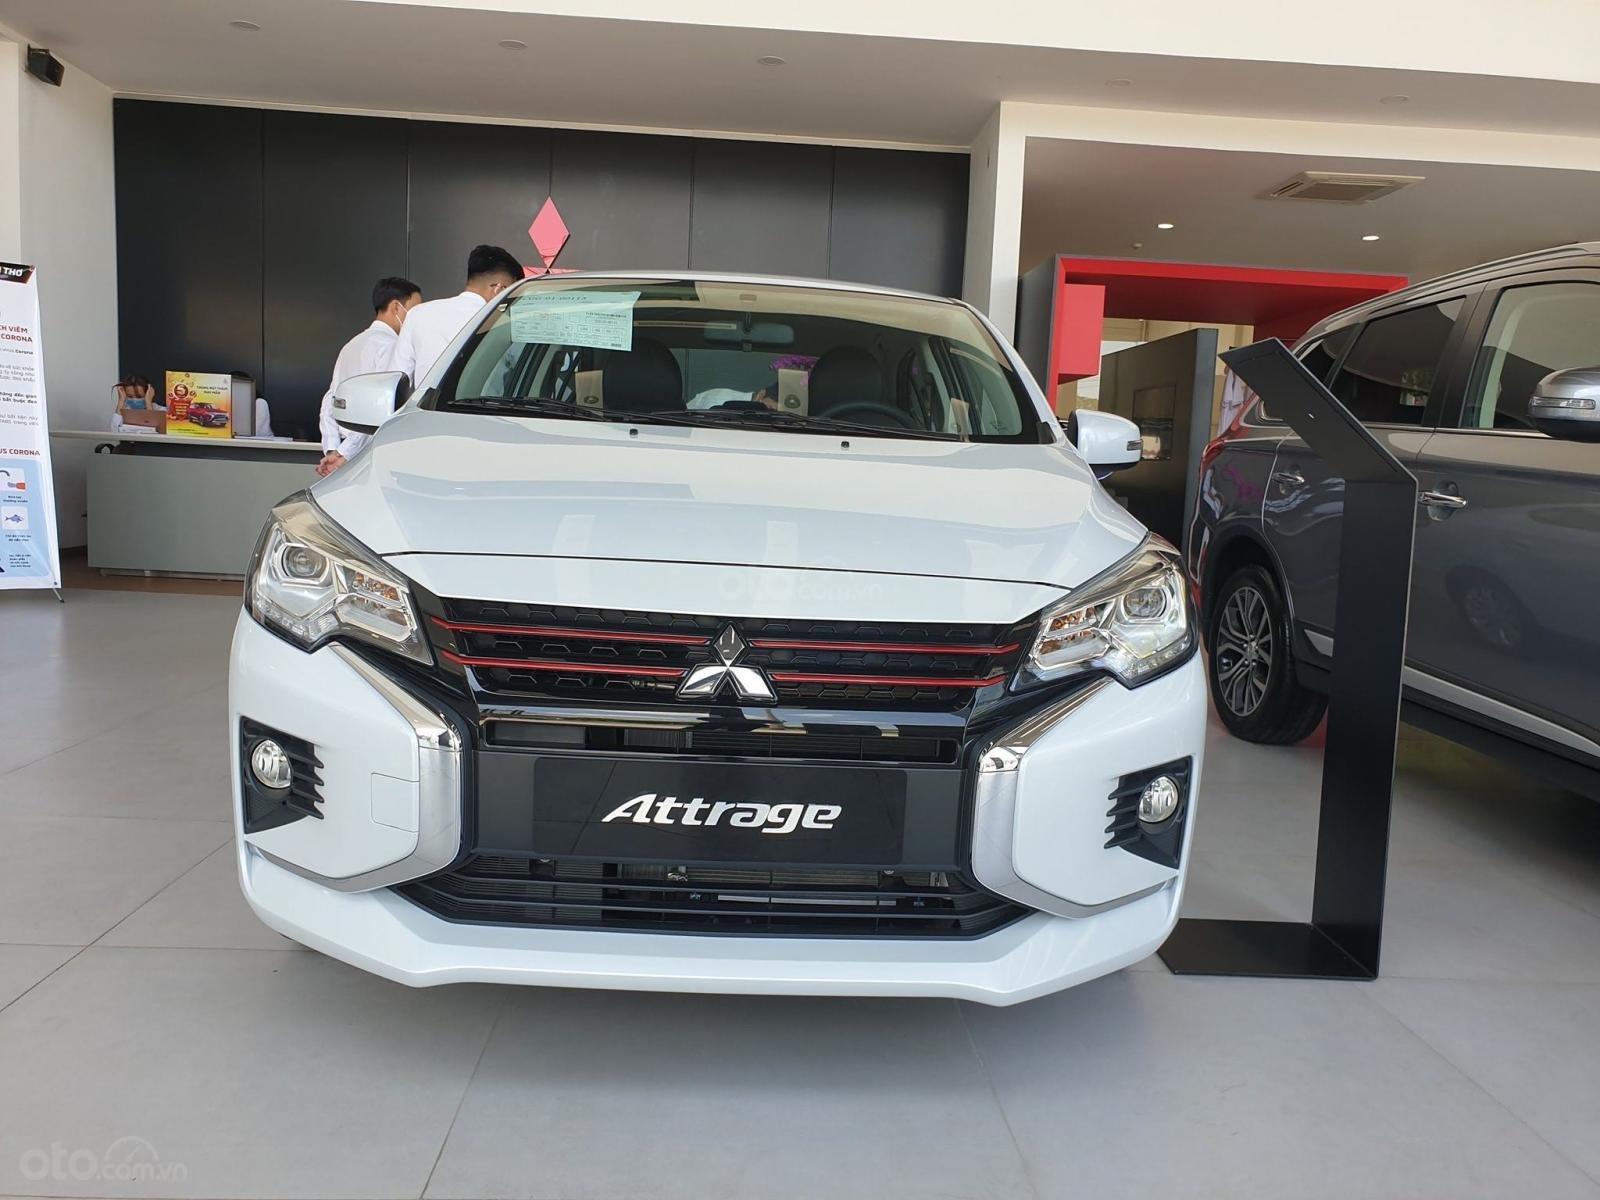 Mitsubishi Attrage 2020 - 5 chỗ - xe nhập Thái Lan, được hỗ trợ 50% trước bạ (3)